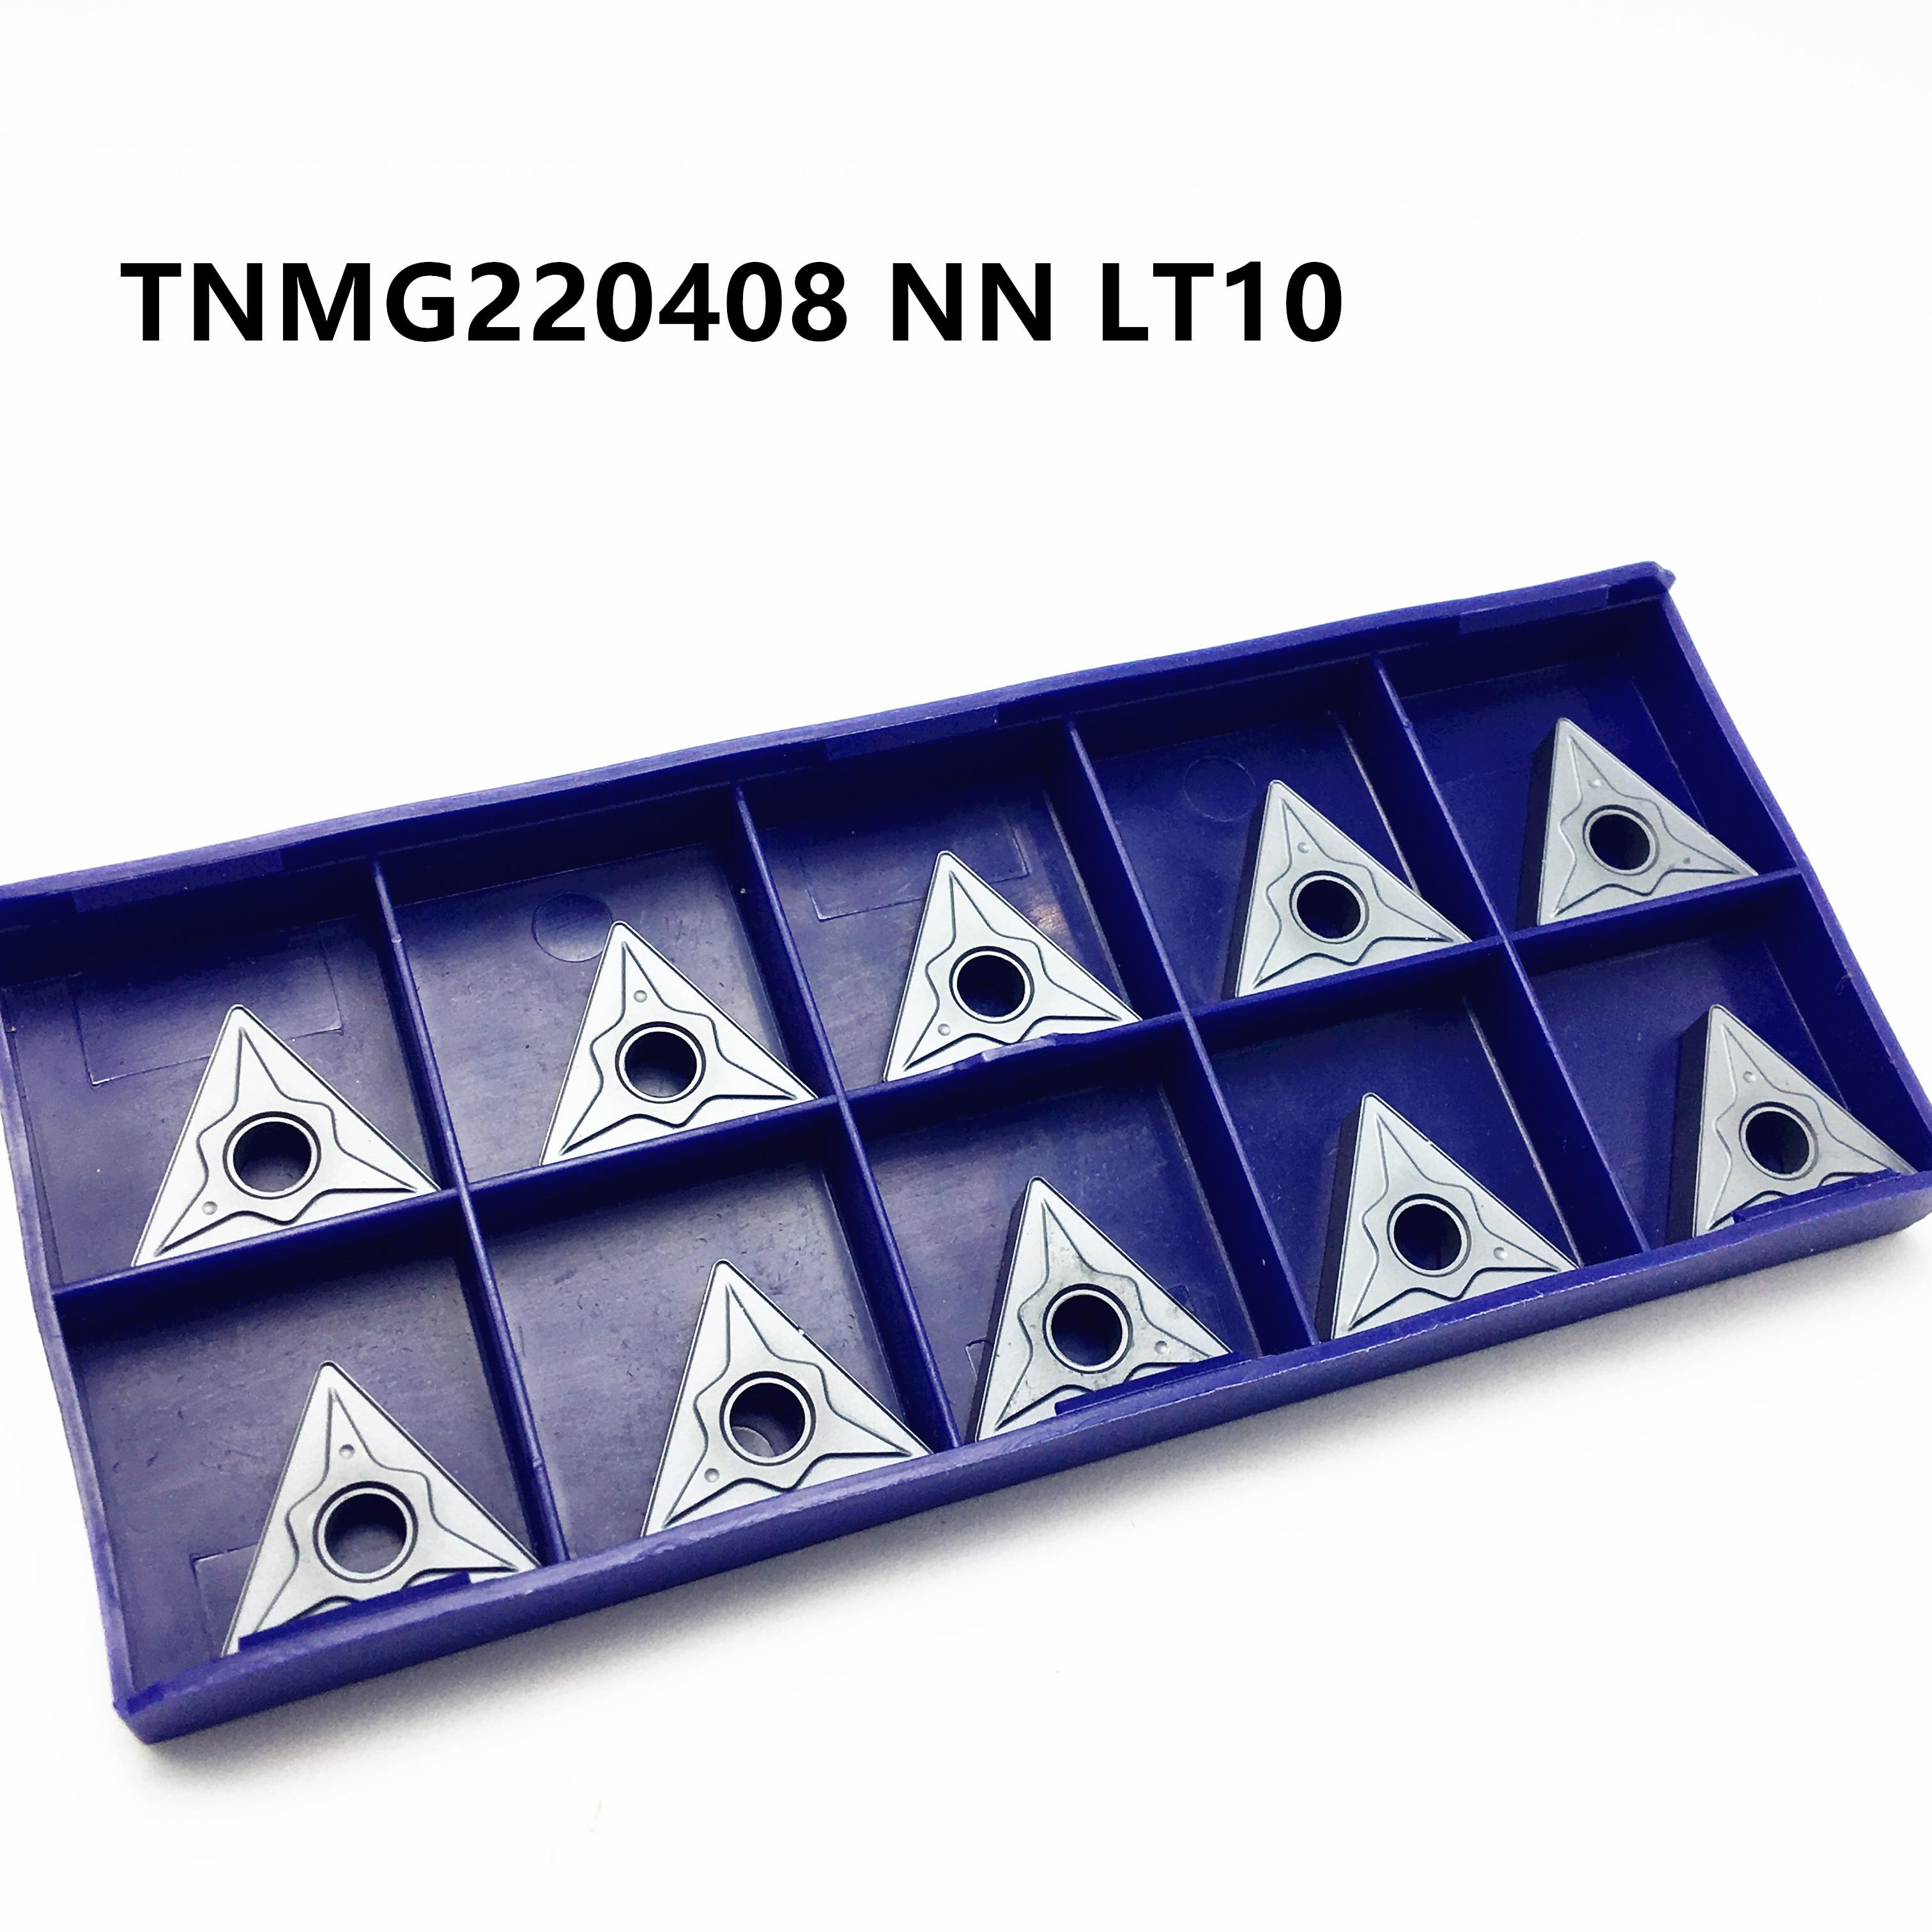 New Carbide Inserir TNMG220408 NN LT10 Alta Qualidade Inserção CNC Peças Da Máquina de Torno Moagem Ferramenta Ferramentas de Torneamento Cilíndrico